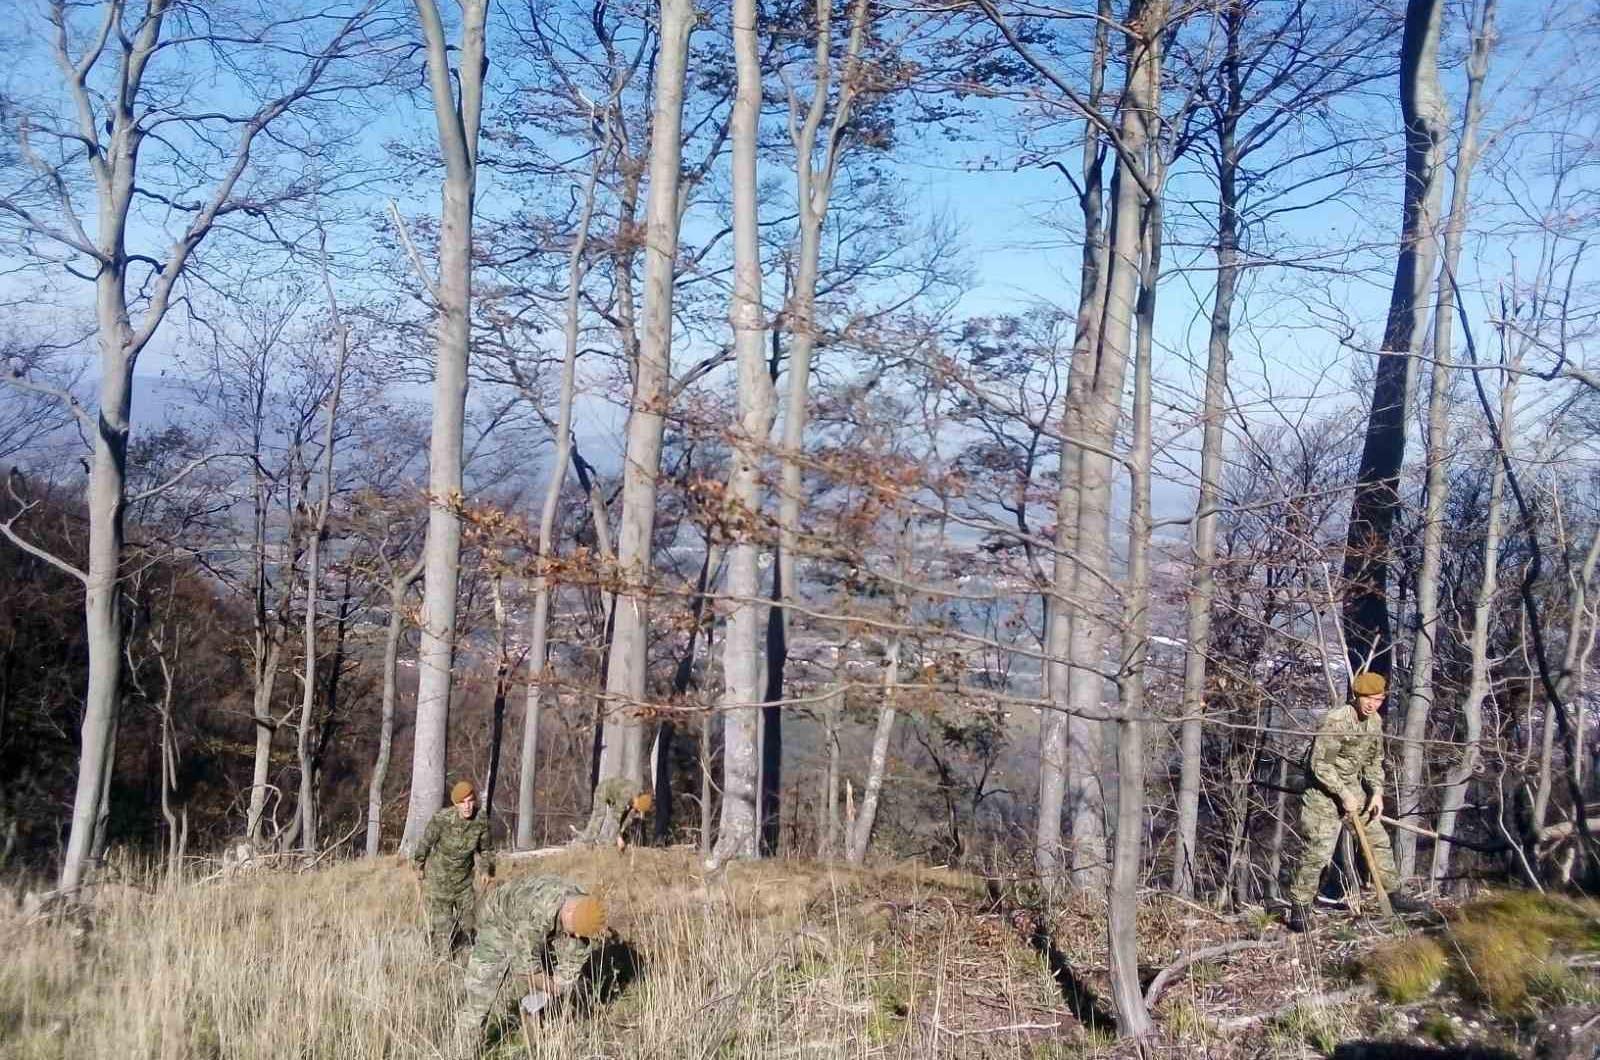 """Pume sudjelovale u inicijativi """"Dani kolektivne sadnje drveća"""" na Sjevernoj Ivanščici i Ravnoj Gori   Foto: HV   M. Ernoić / T. Pejaković"""